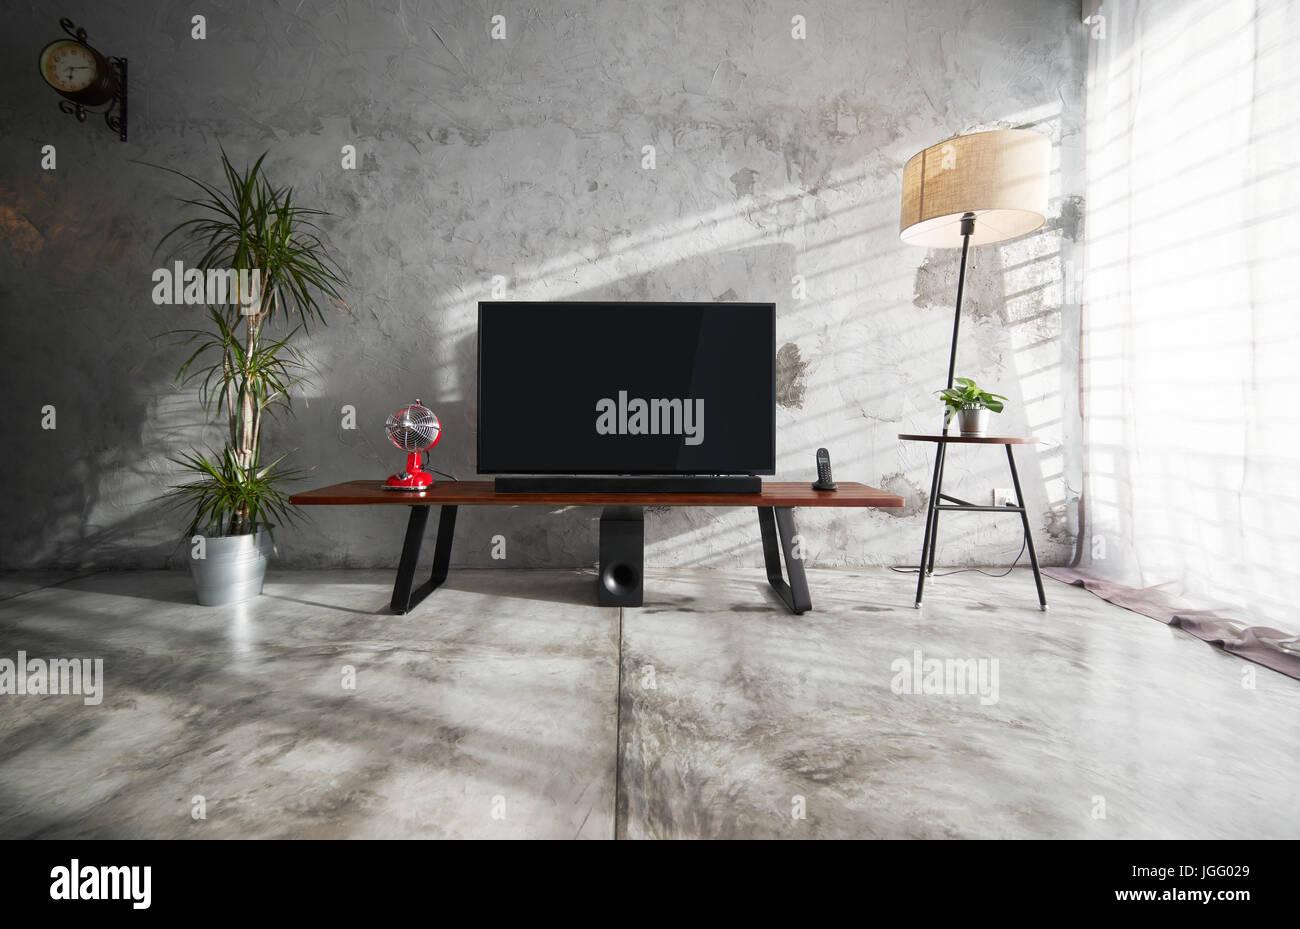 Moderne Wohnzimmer Einrichtung Mit Tv Im Loftstil Mit Hölzernen Tv